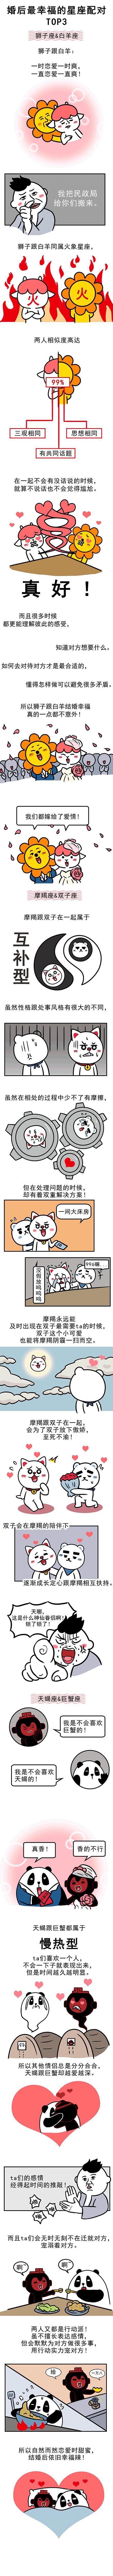 婚后最幸福的星座配对top3 chunji.cn